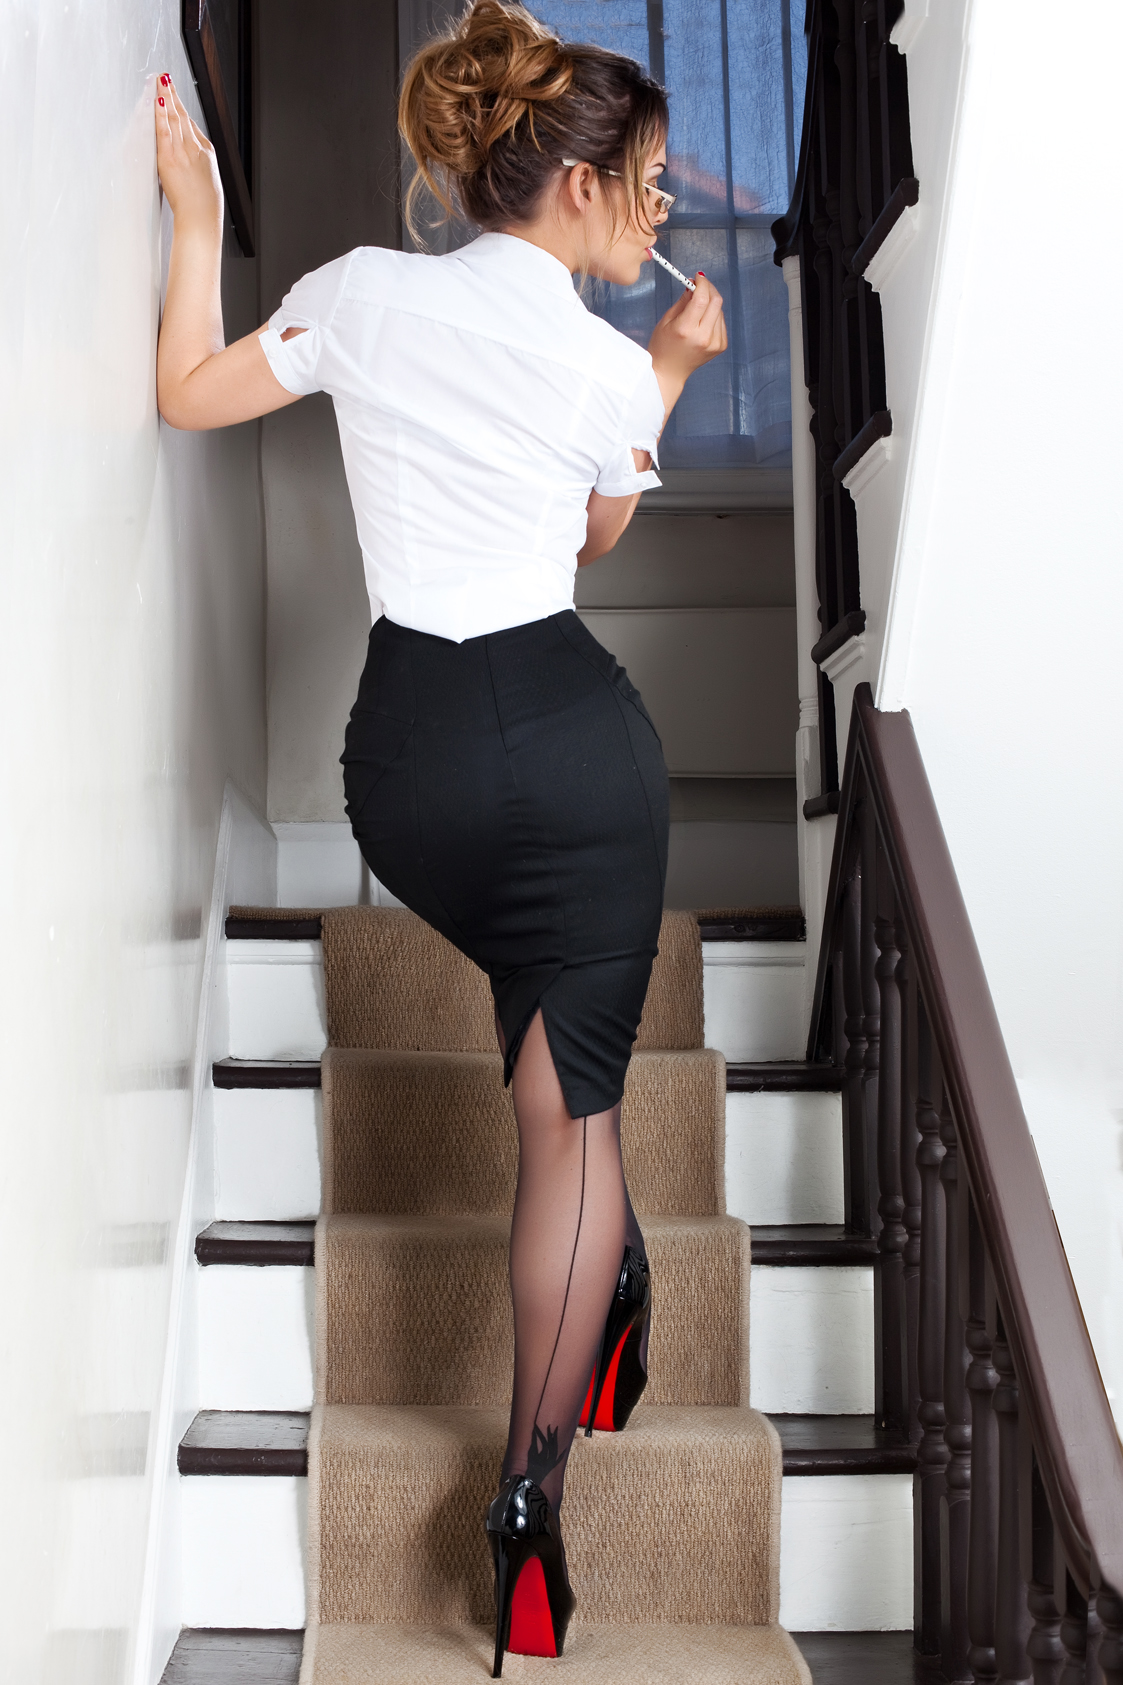 женщины в юбке карандаш порно мама трахается